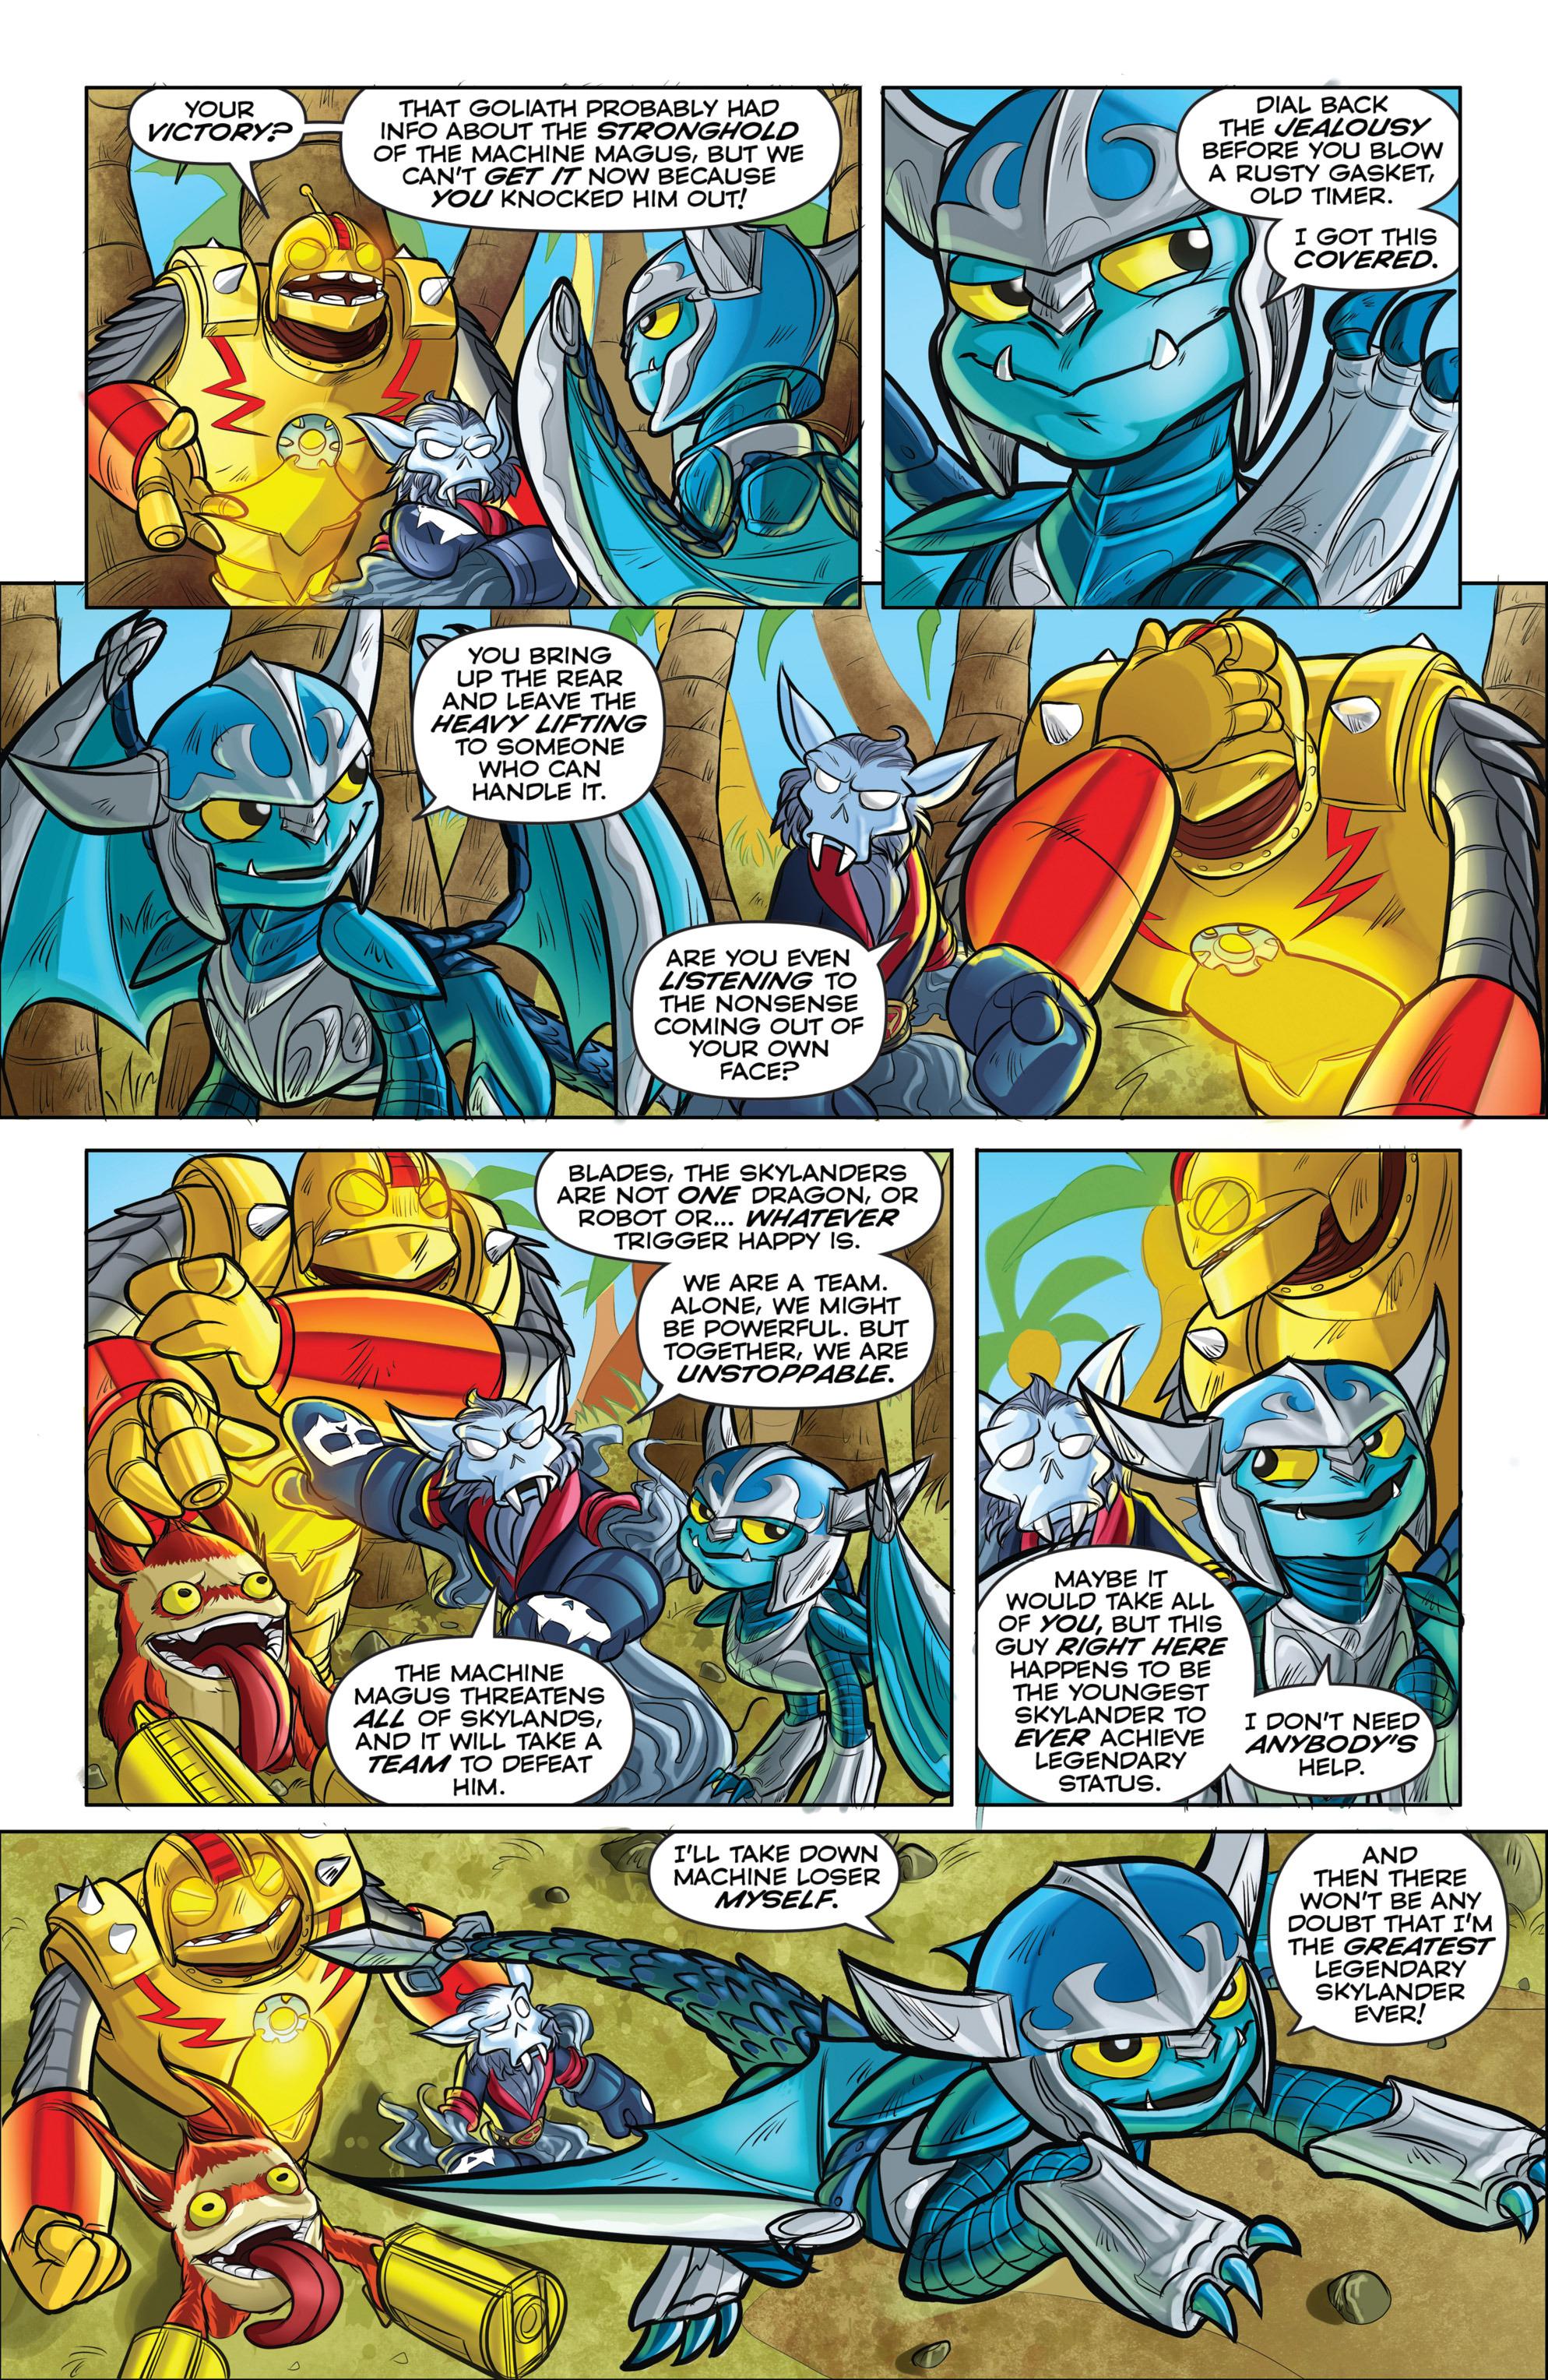 Read online Skylanders comic -  Issue #5 - 7